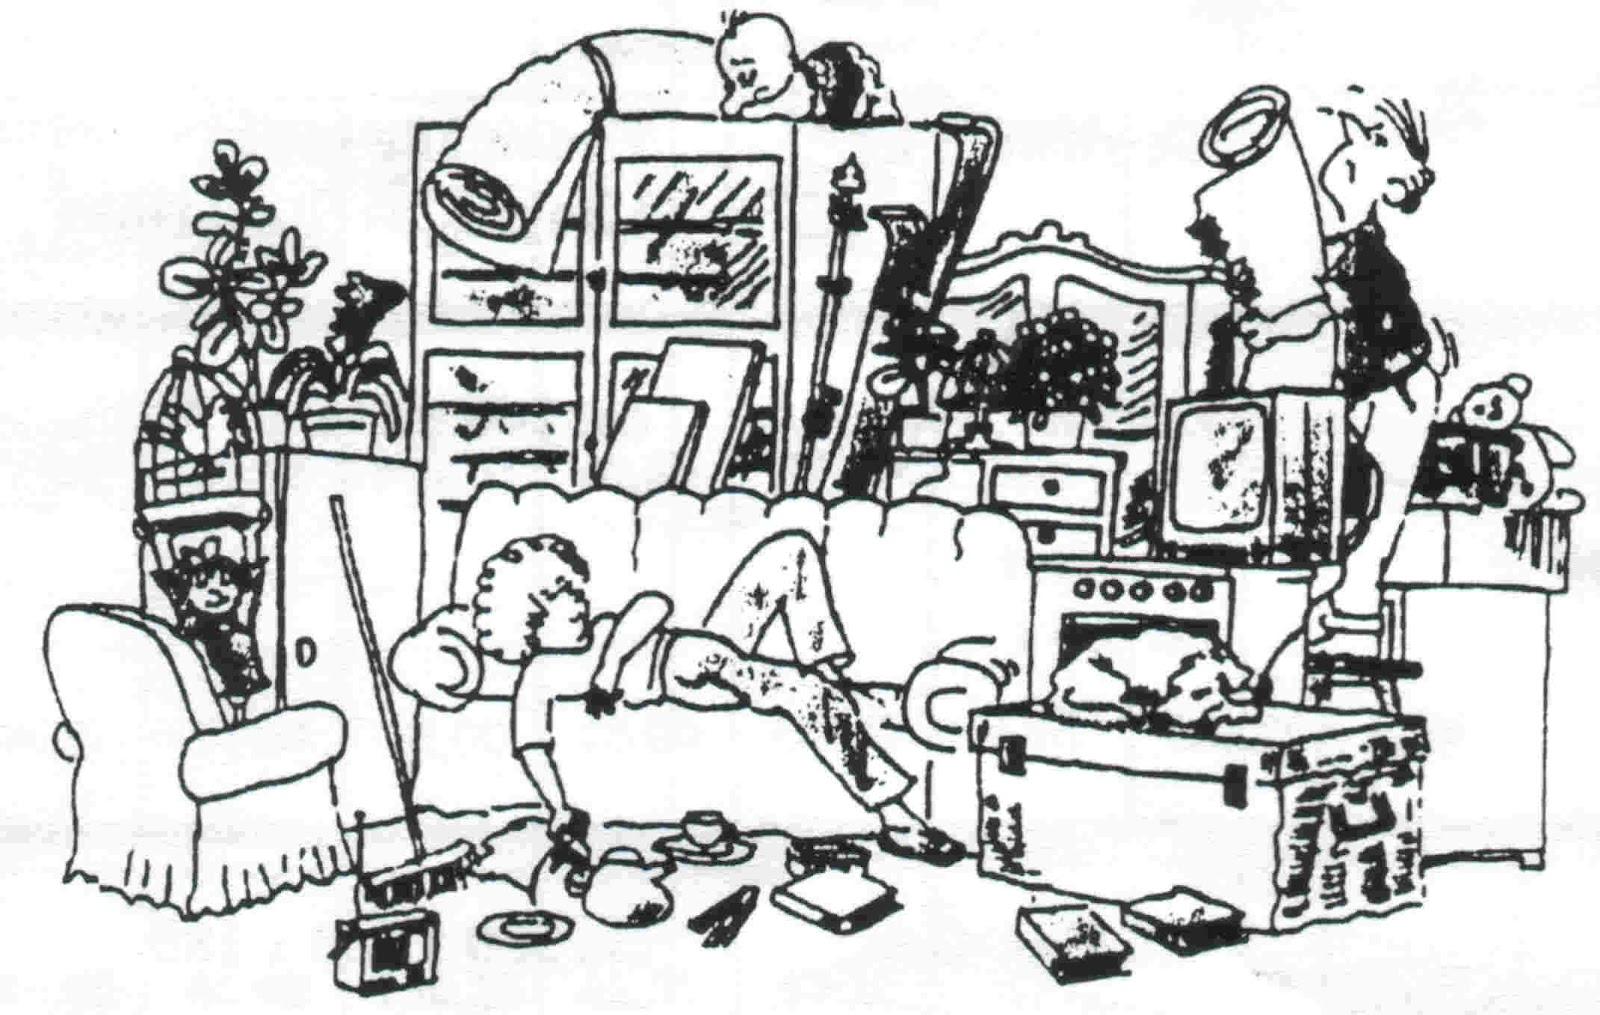 helioni s wollfarbspiel f rberausch teil 2 achtung bilderflut und umzug. Black Bedroom Furniture Sets. Home Design Ideas